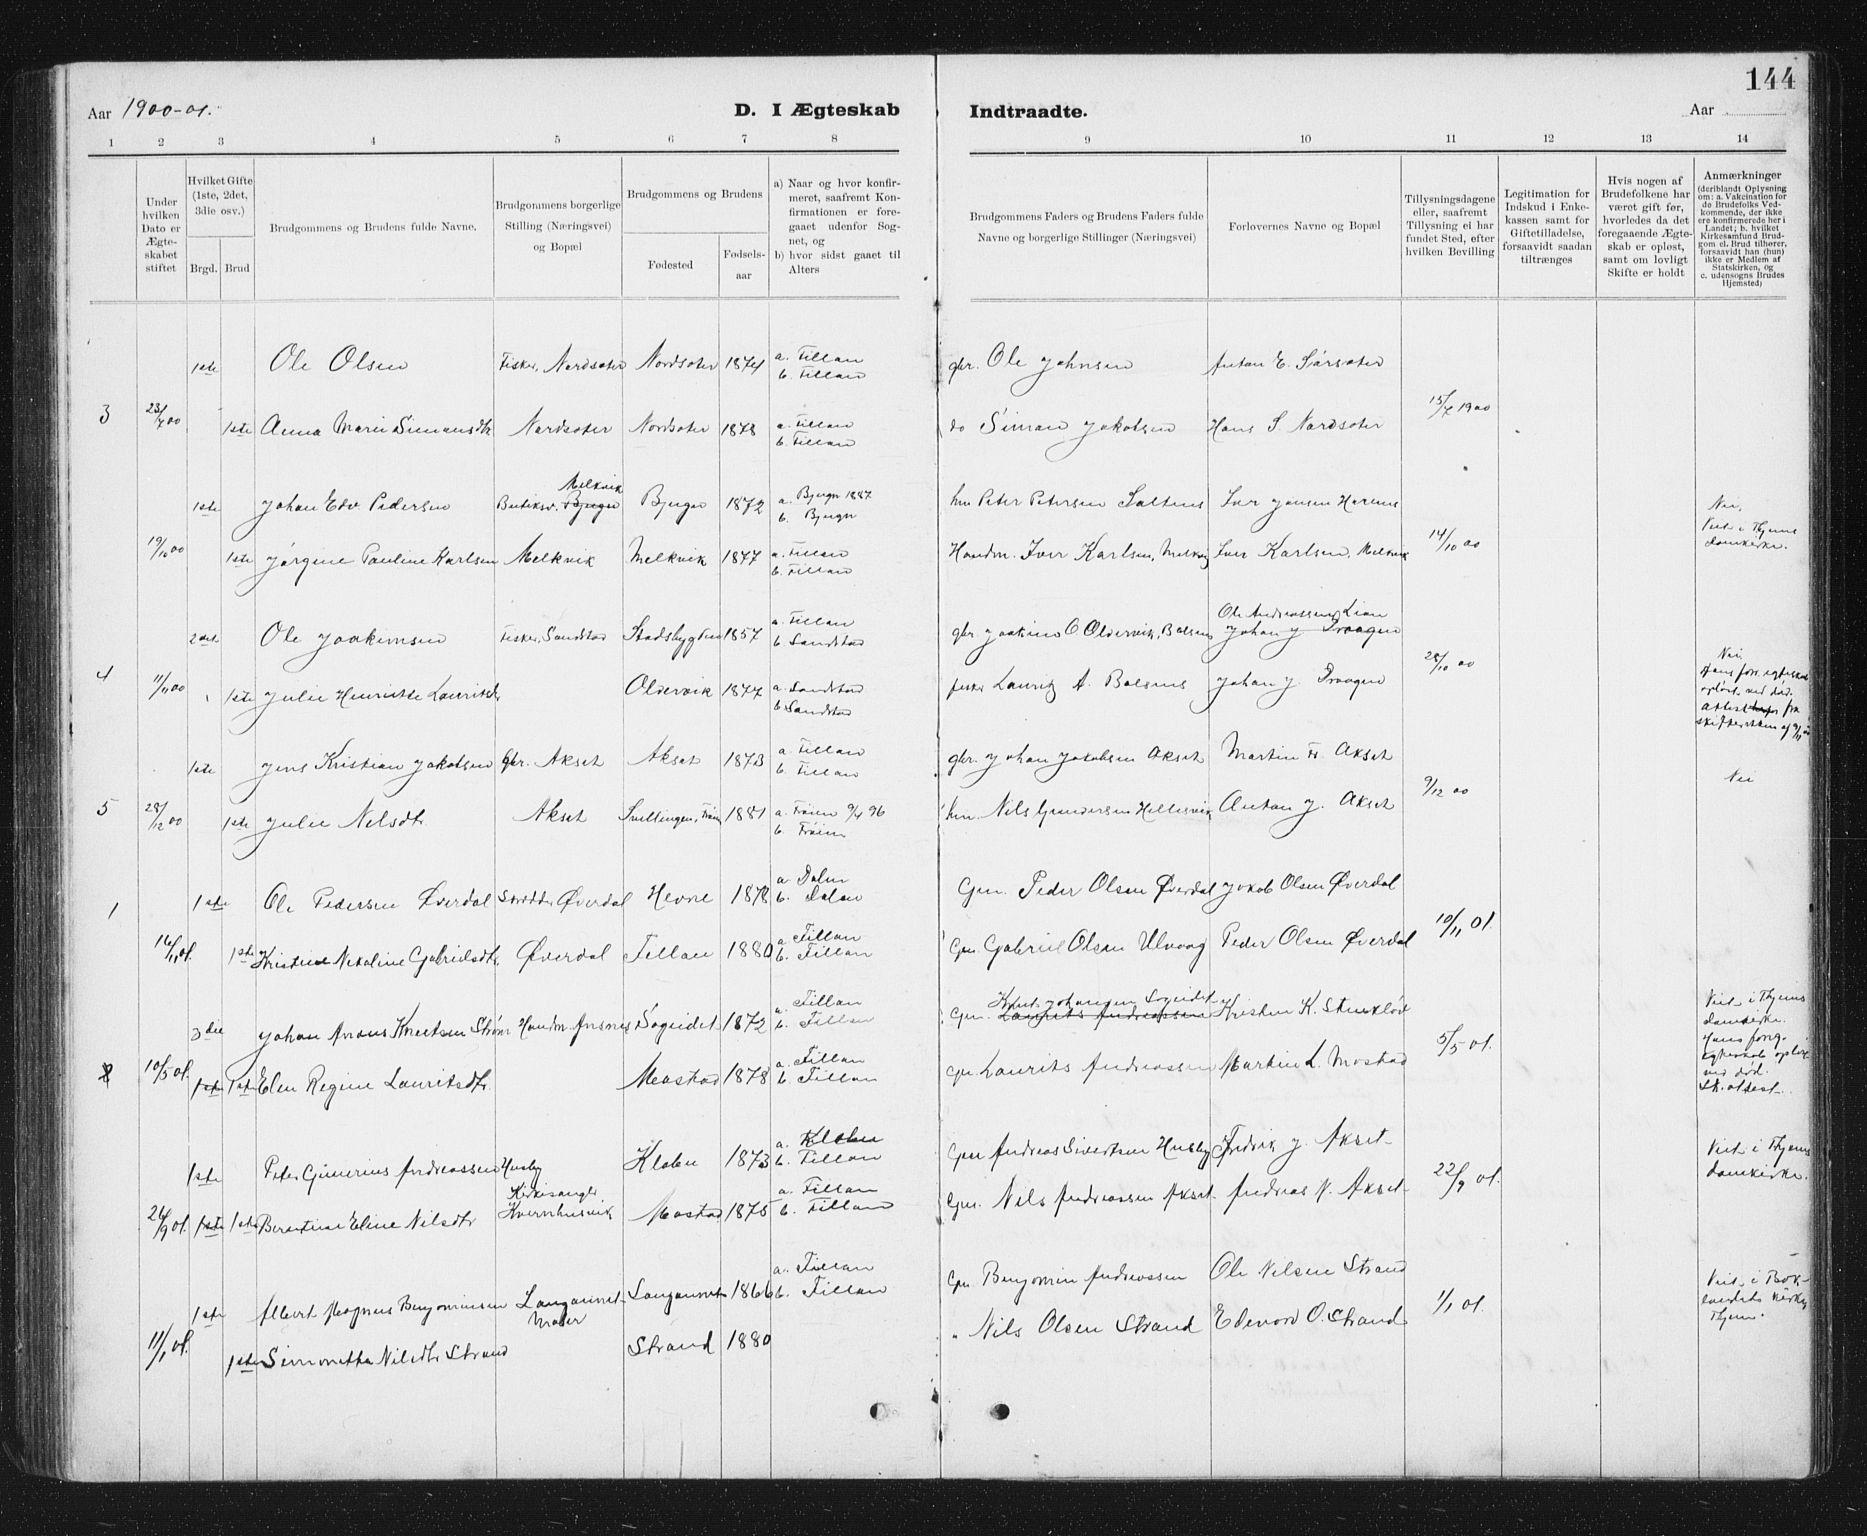 SAT, Ministerialprotokoller, klokkerbøker og fødselsregistre - Sør-Trøndelag, 637/L0563: Klokkerbok nr. 637C04, 1899-1940, s. 144